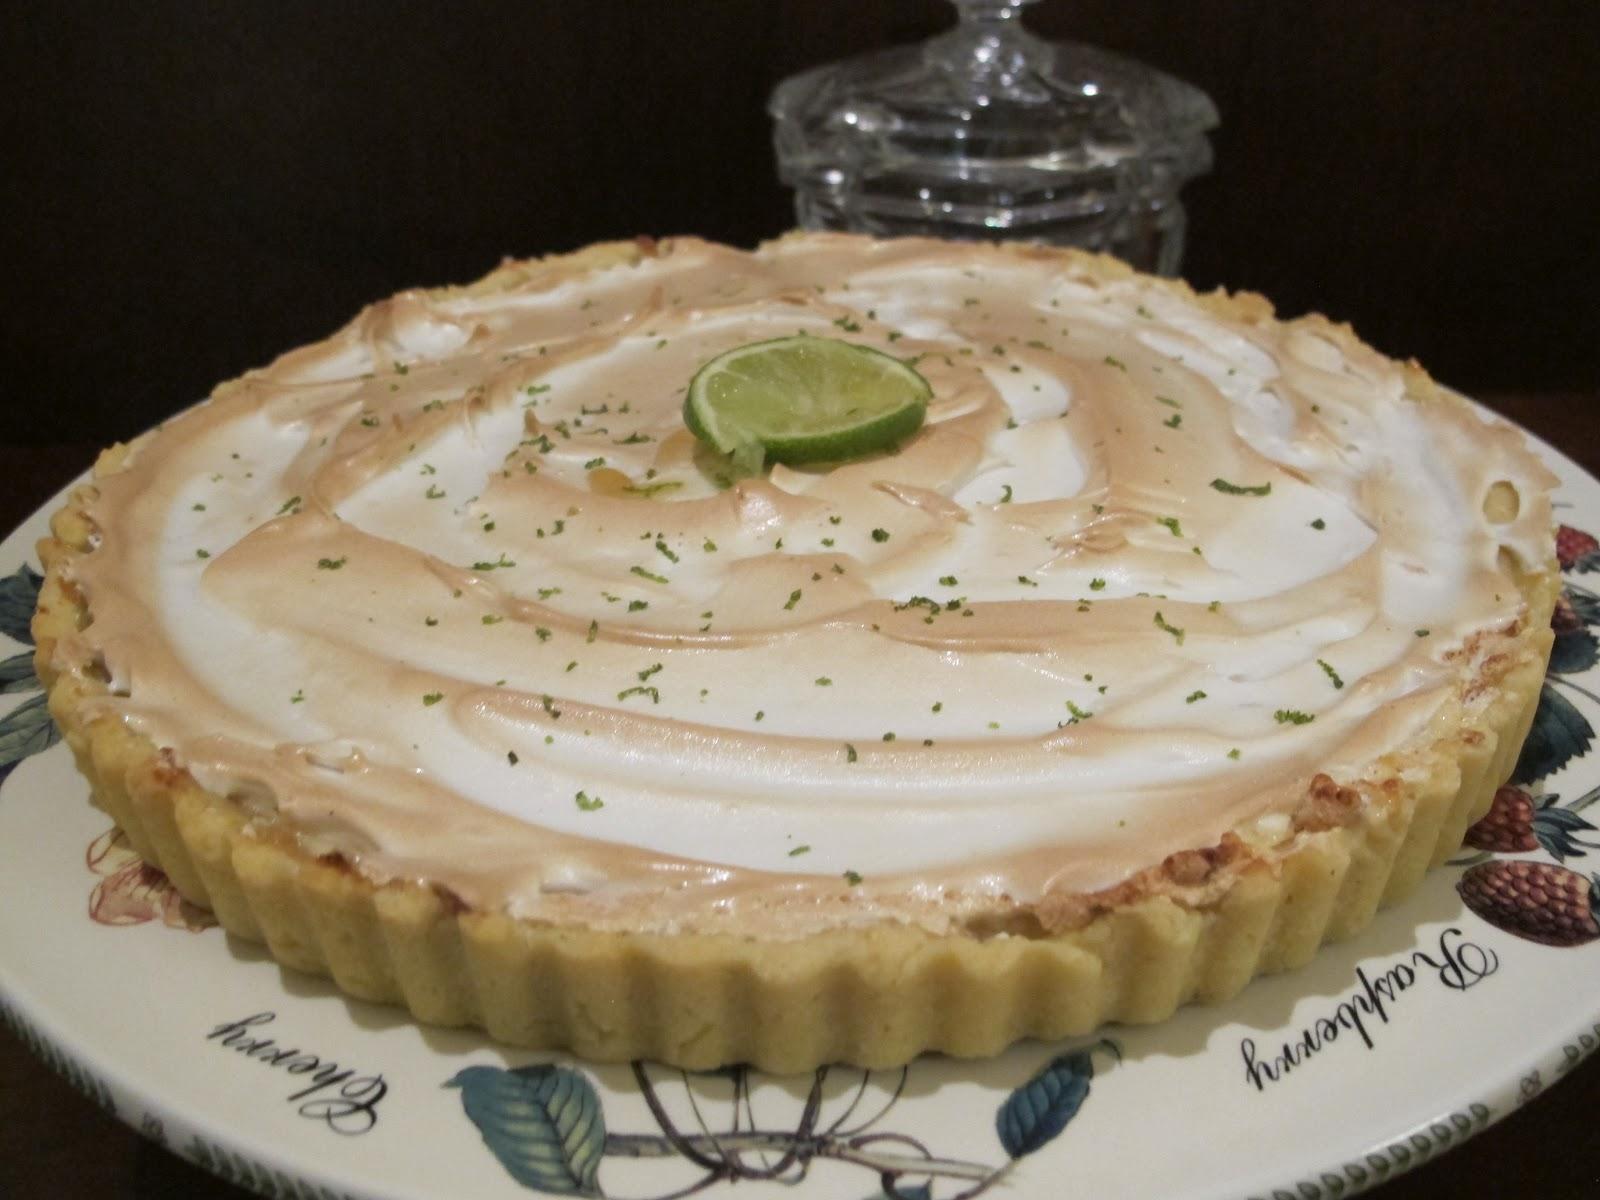 torta_limao_do_pao_ao_caviar